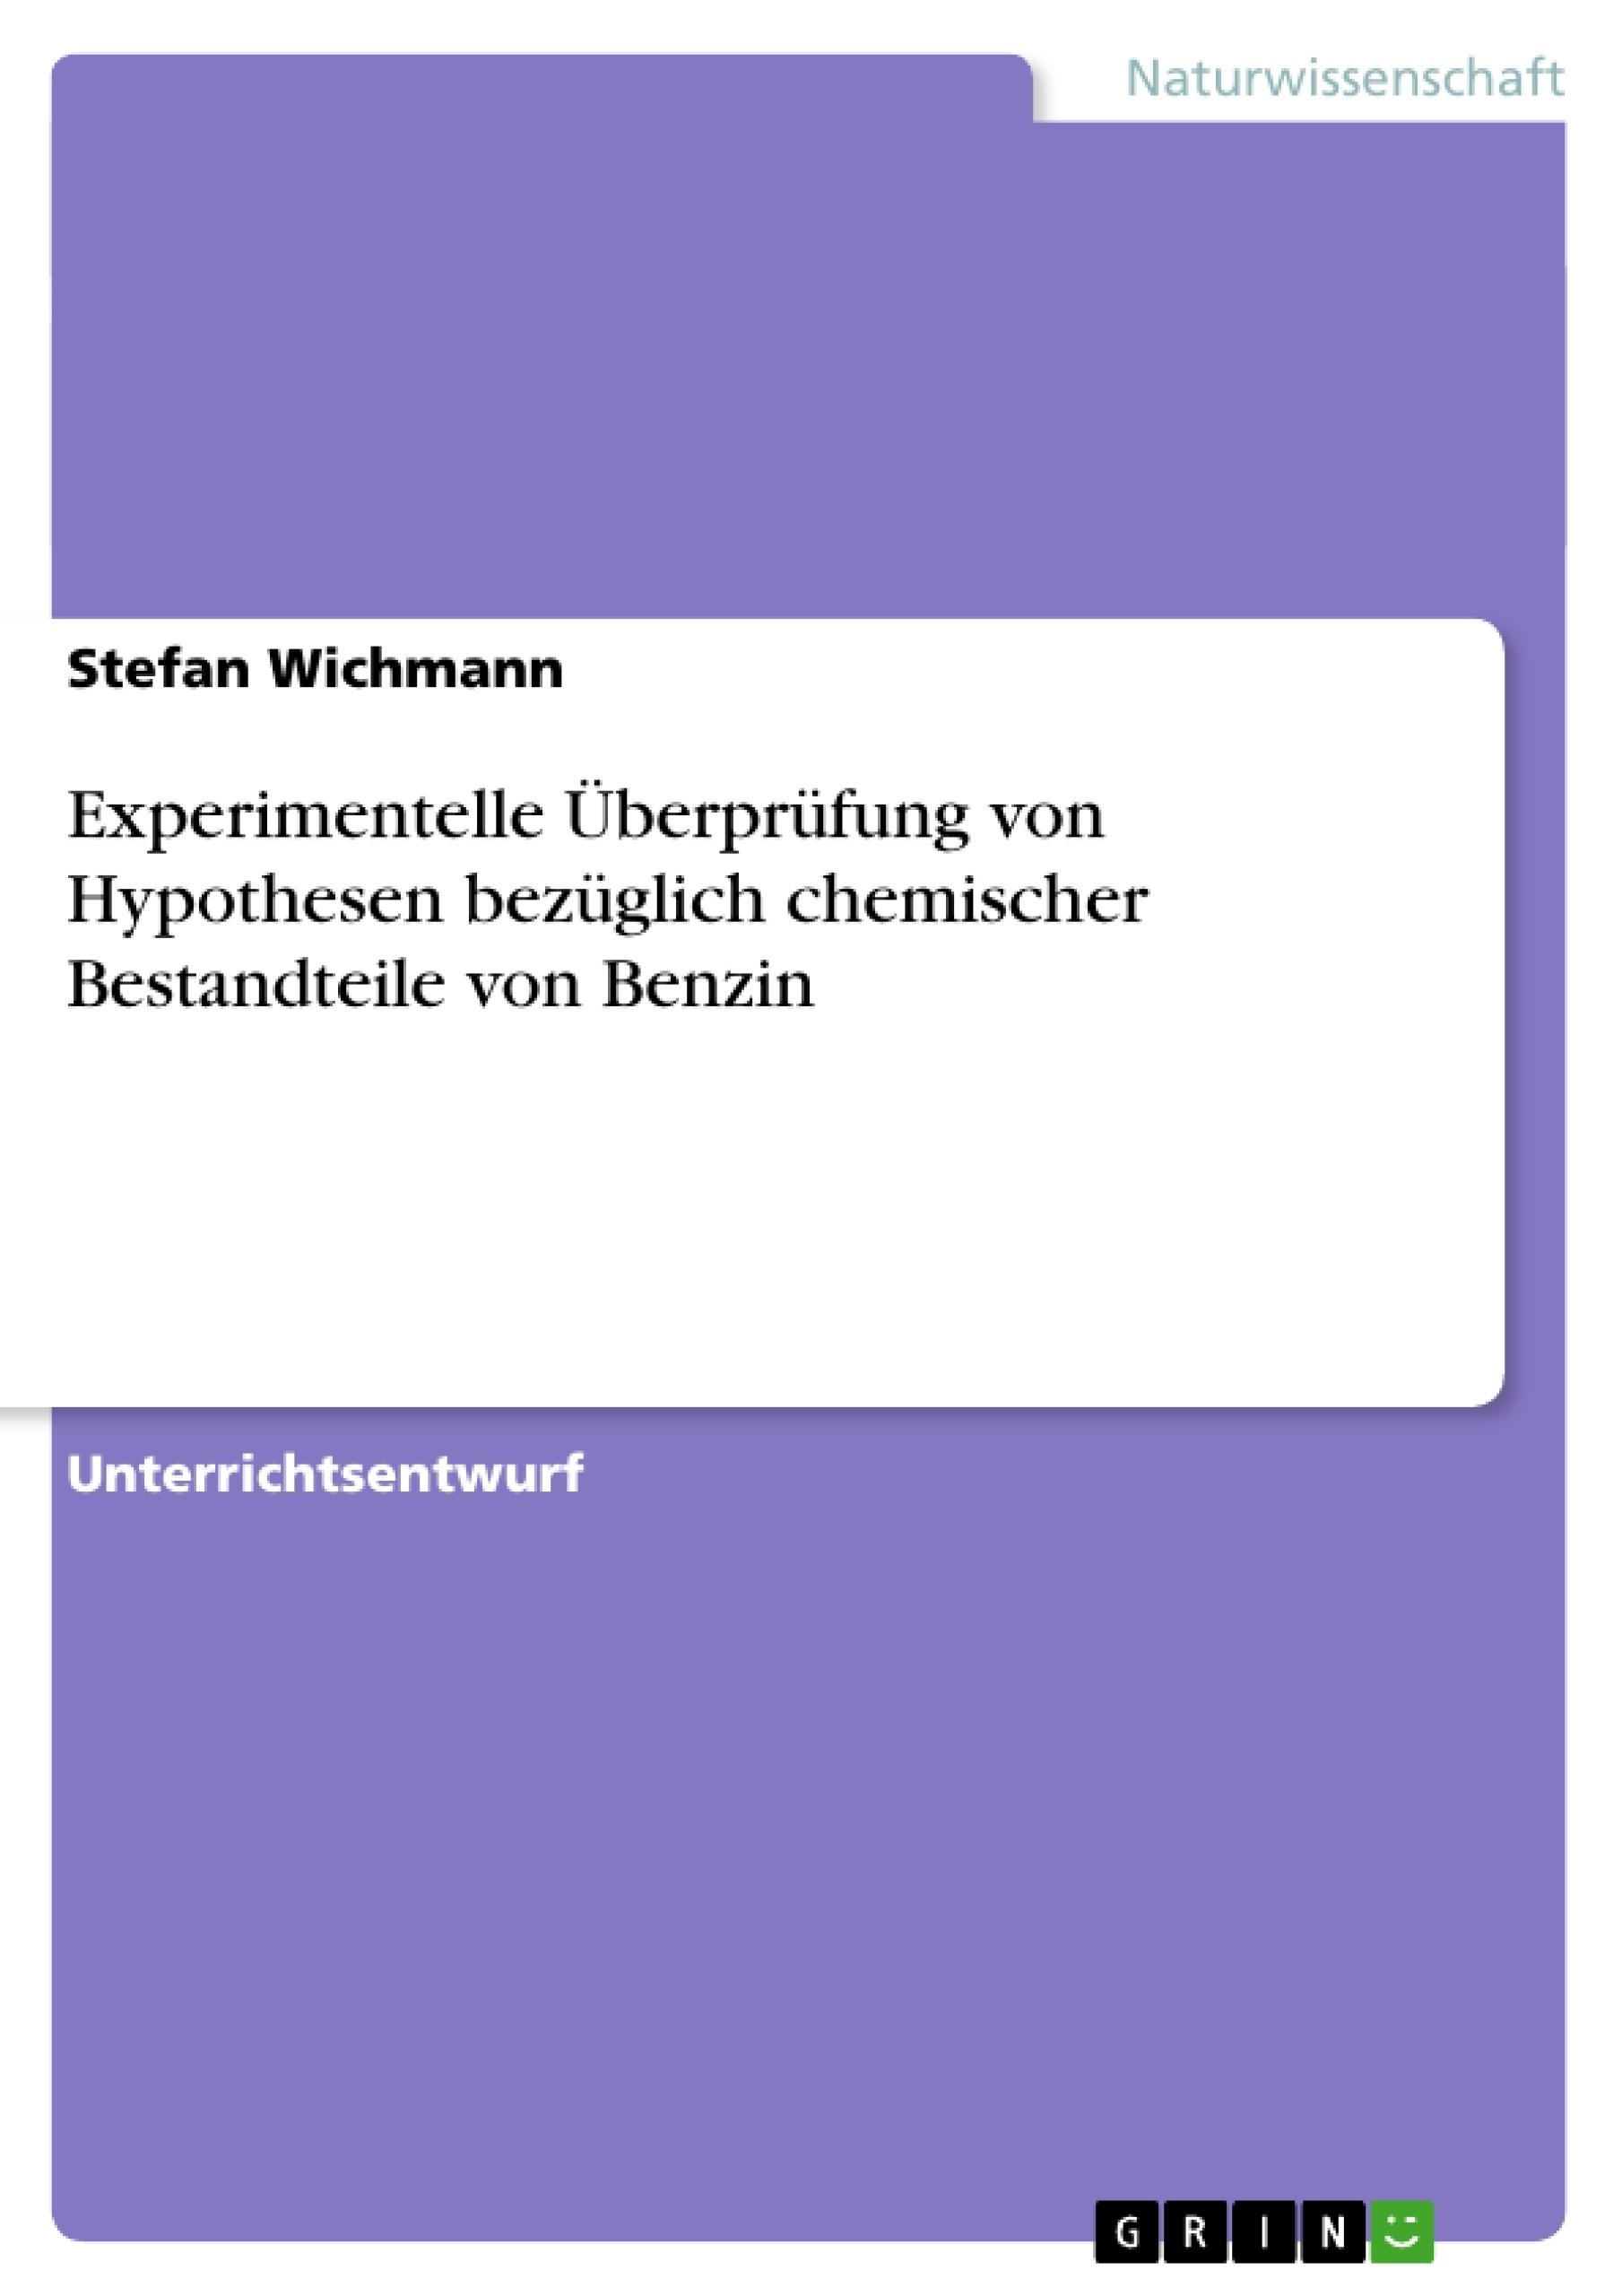 Titel: Experimentelle Überprüfung von Hypothesen bezüglich chemischer Bestandteile von Benzin